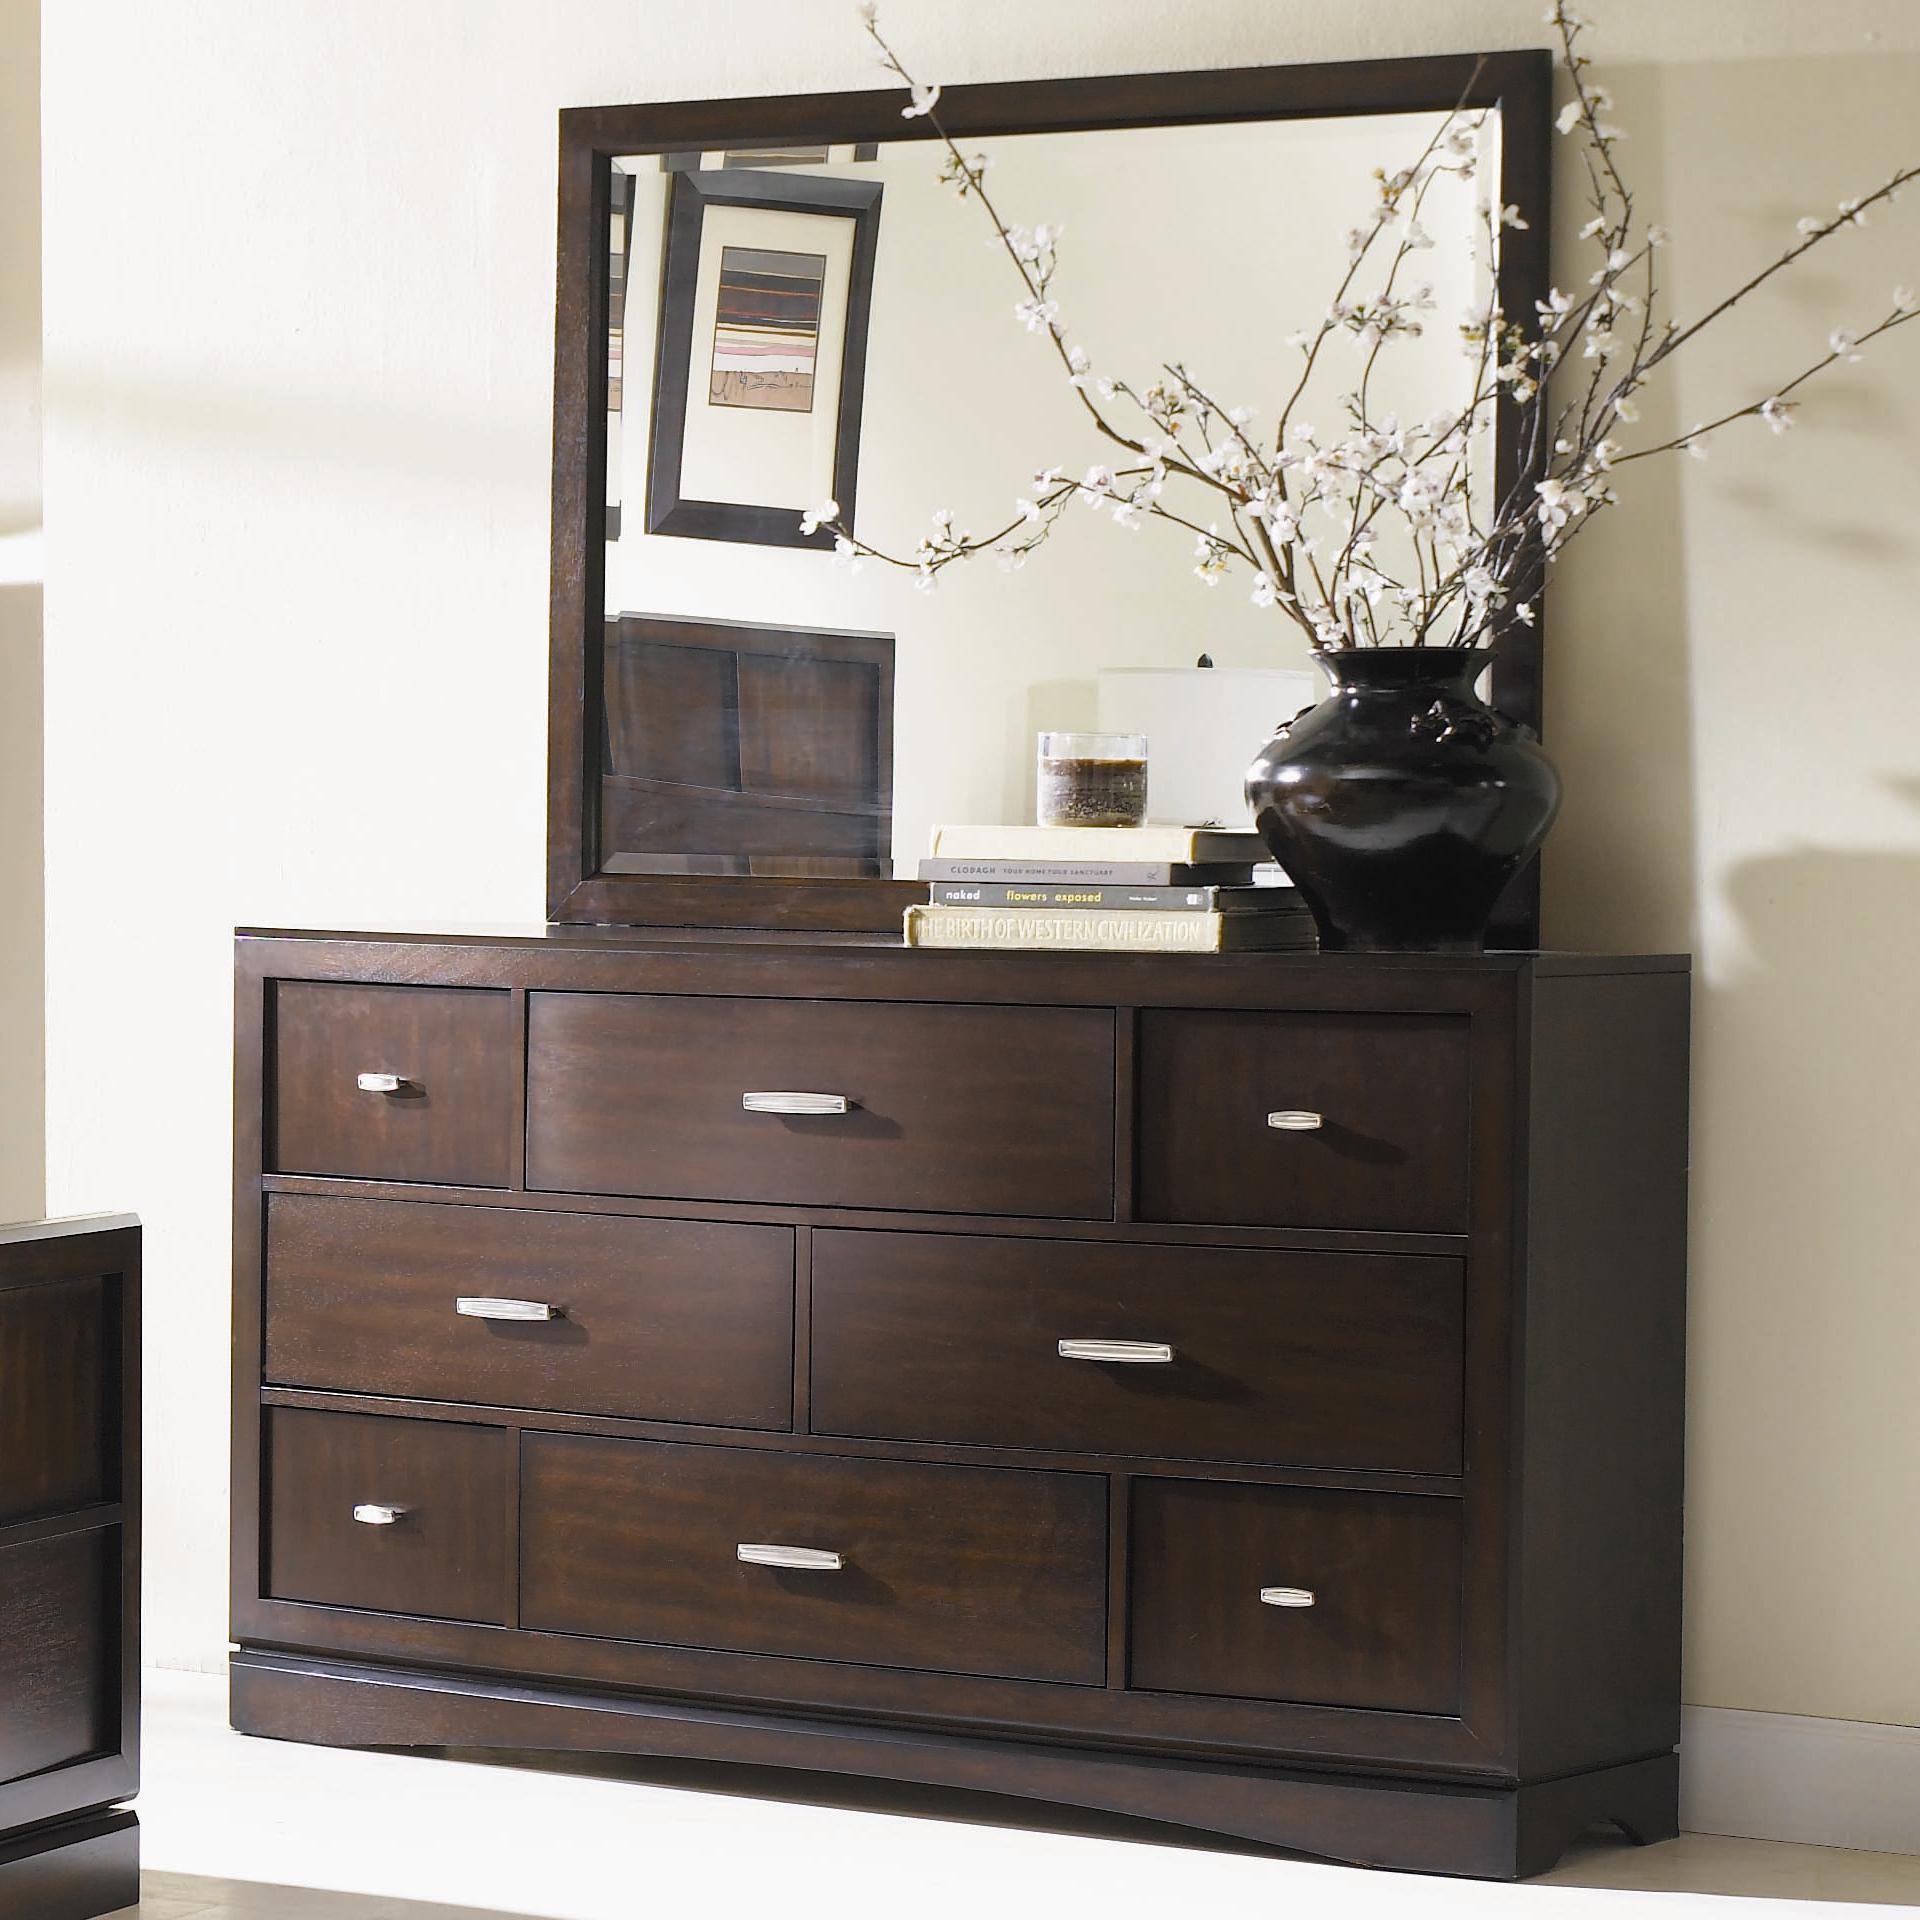 Najarian Key West Dresser and Mirror - Item Number: BDKEYADRP+BDKEYAMRP